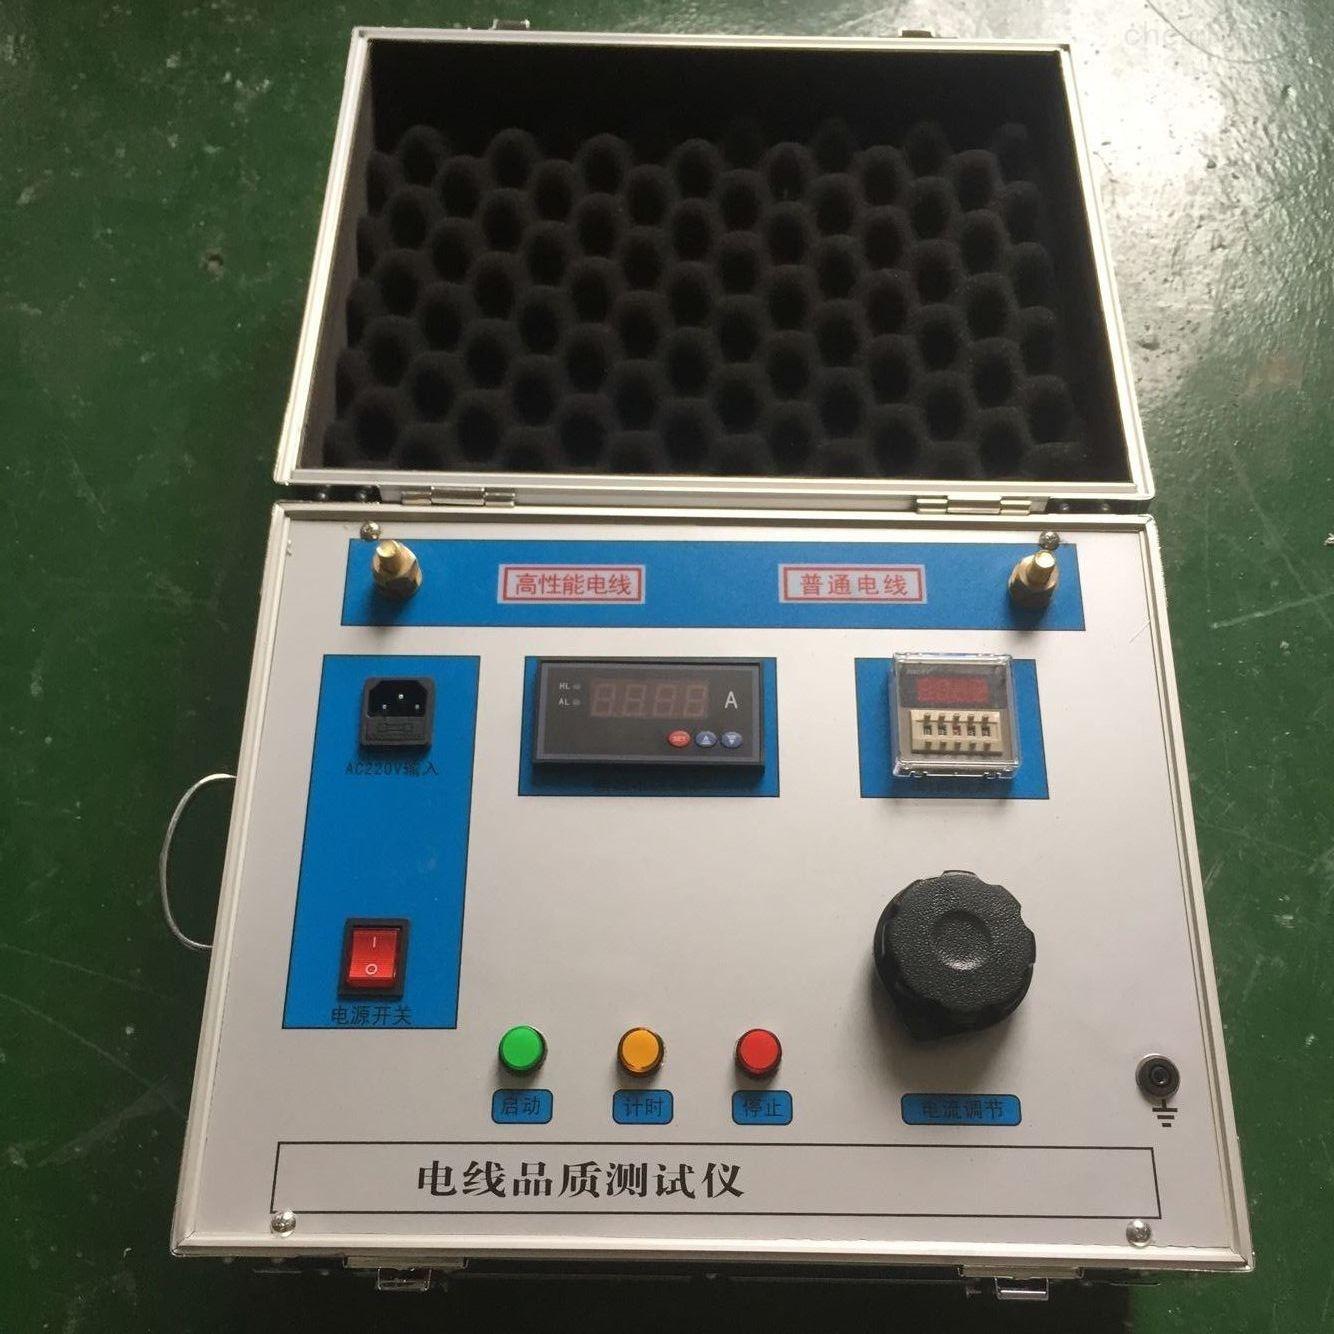 大电流发生器做温升试验